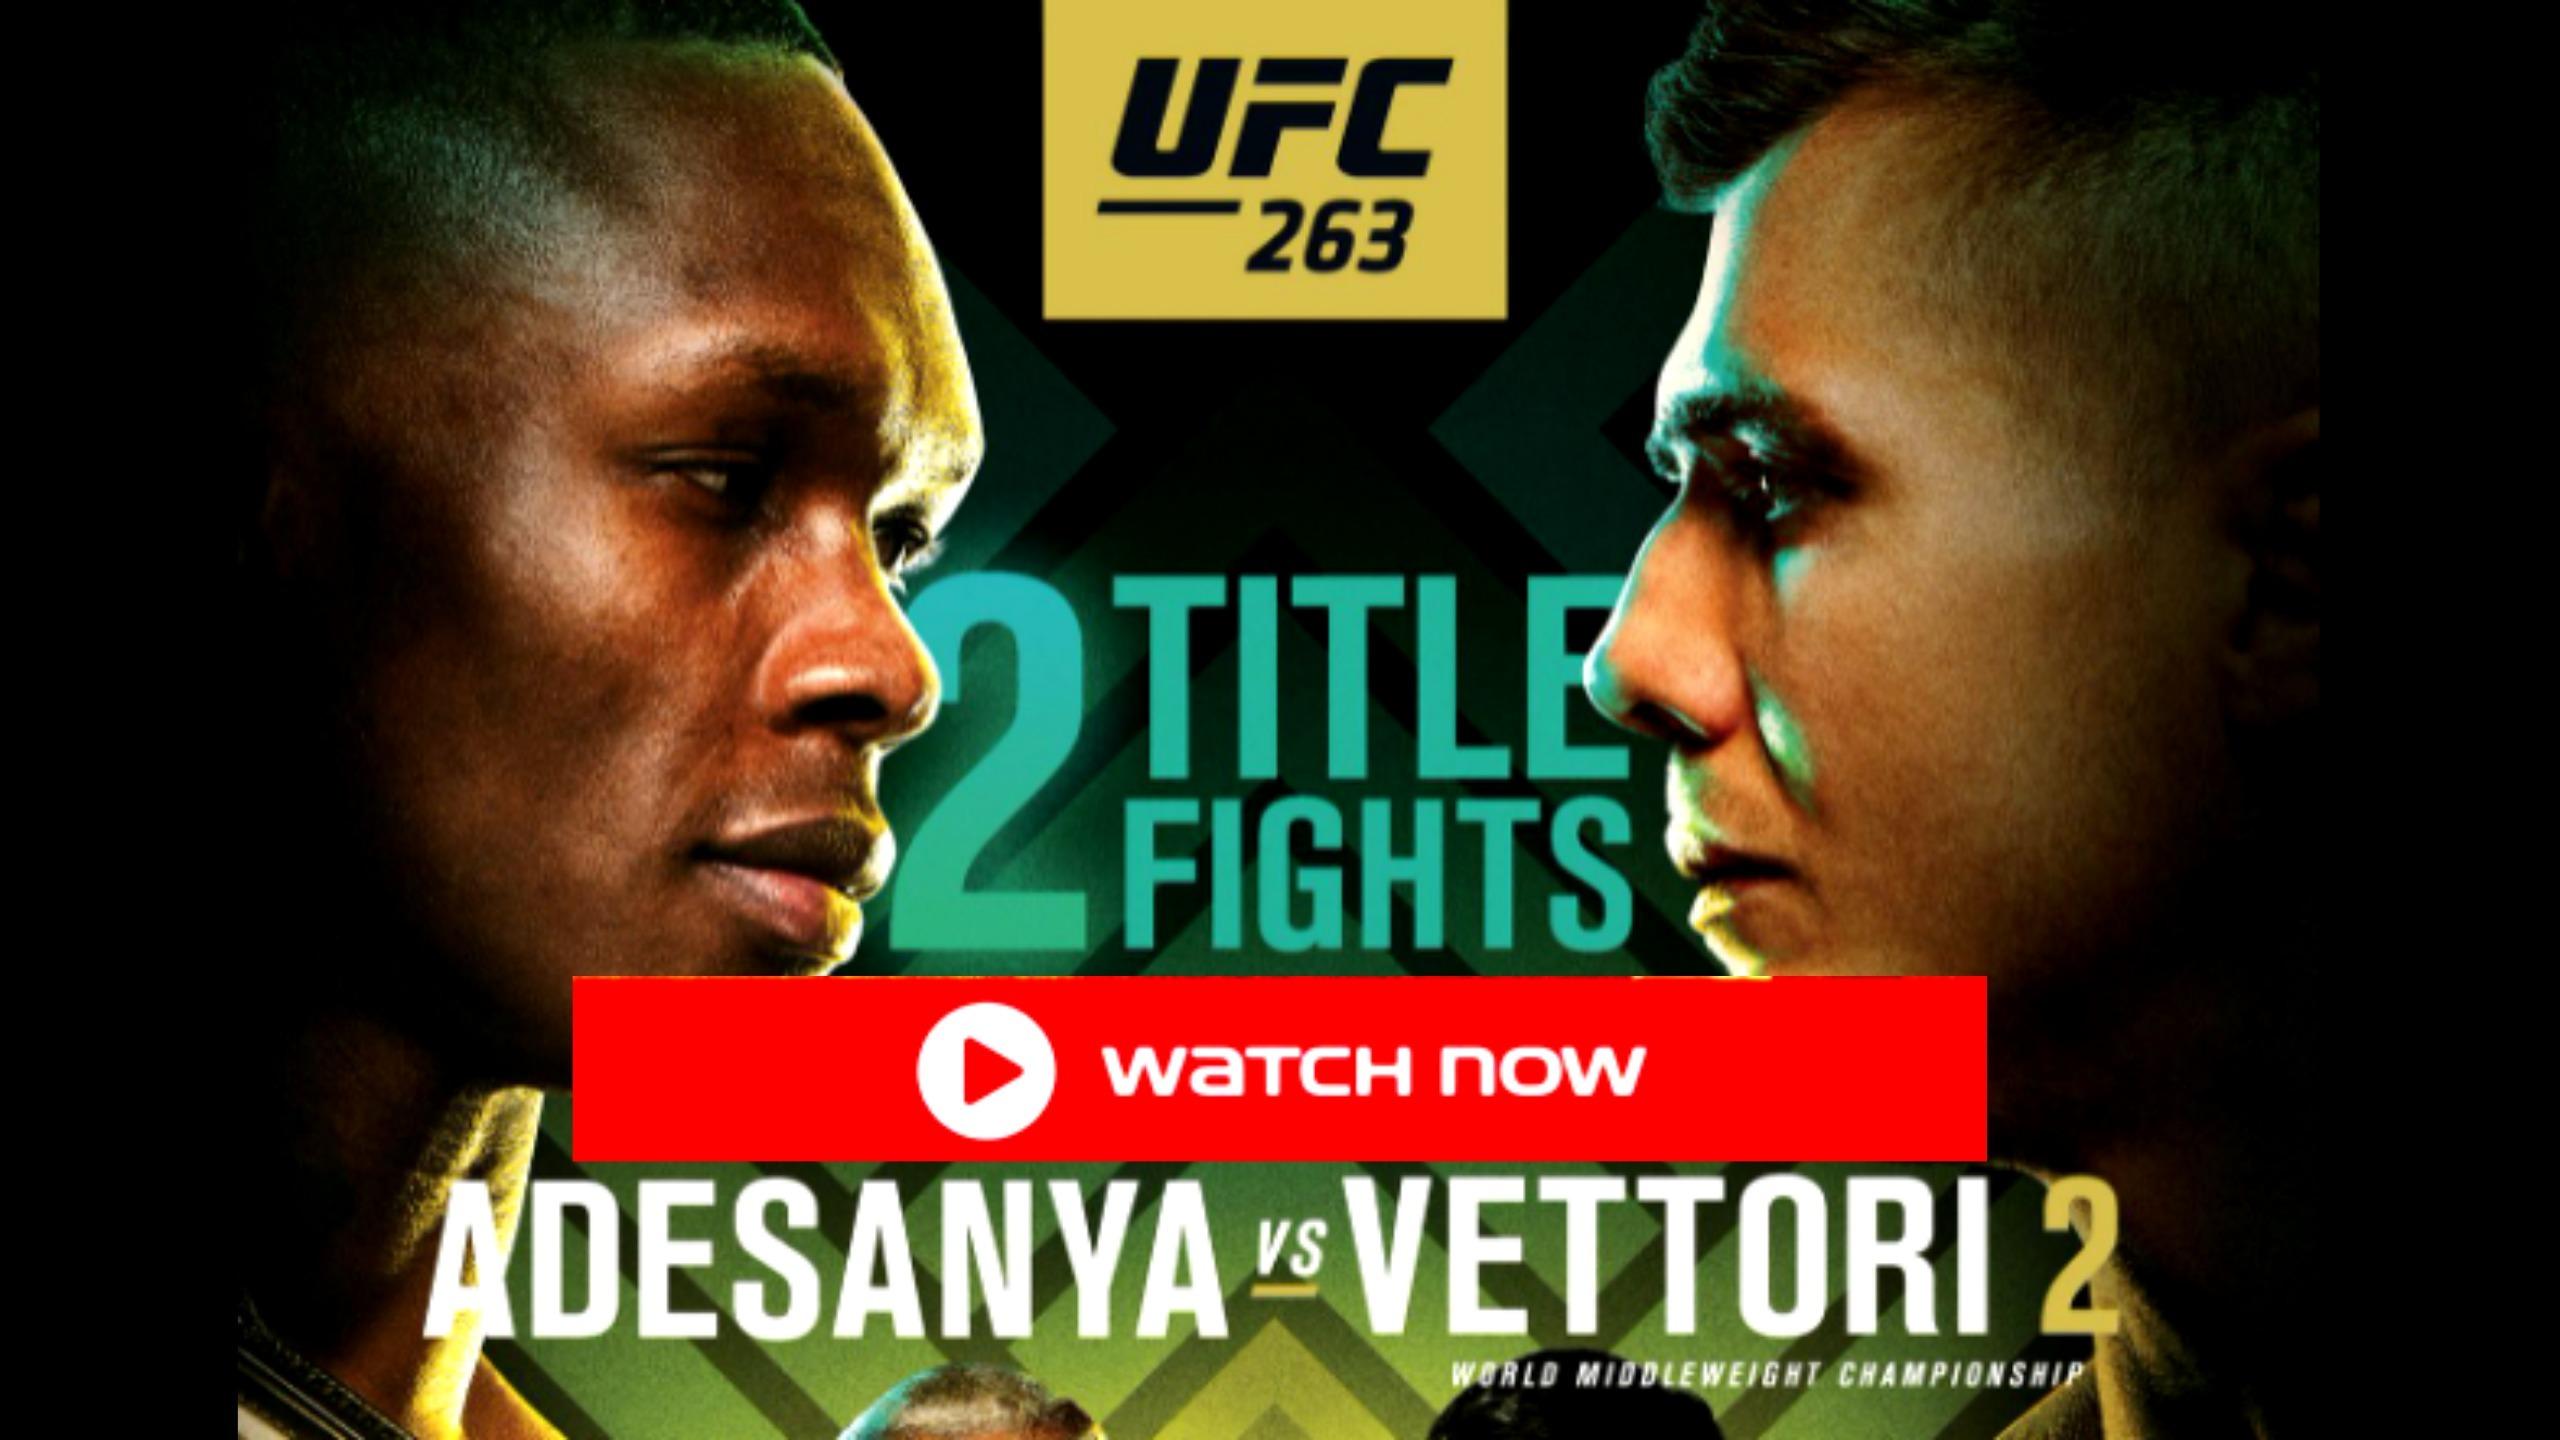 UFC 263 Live Stream Free (@ufc263livestreamfree) Cover Image